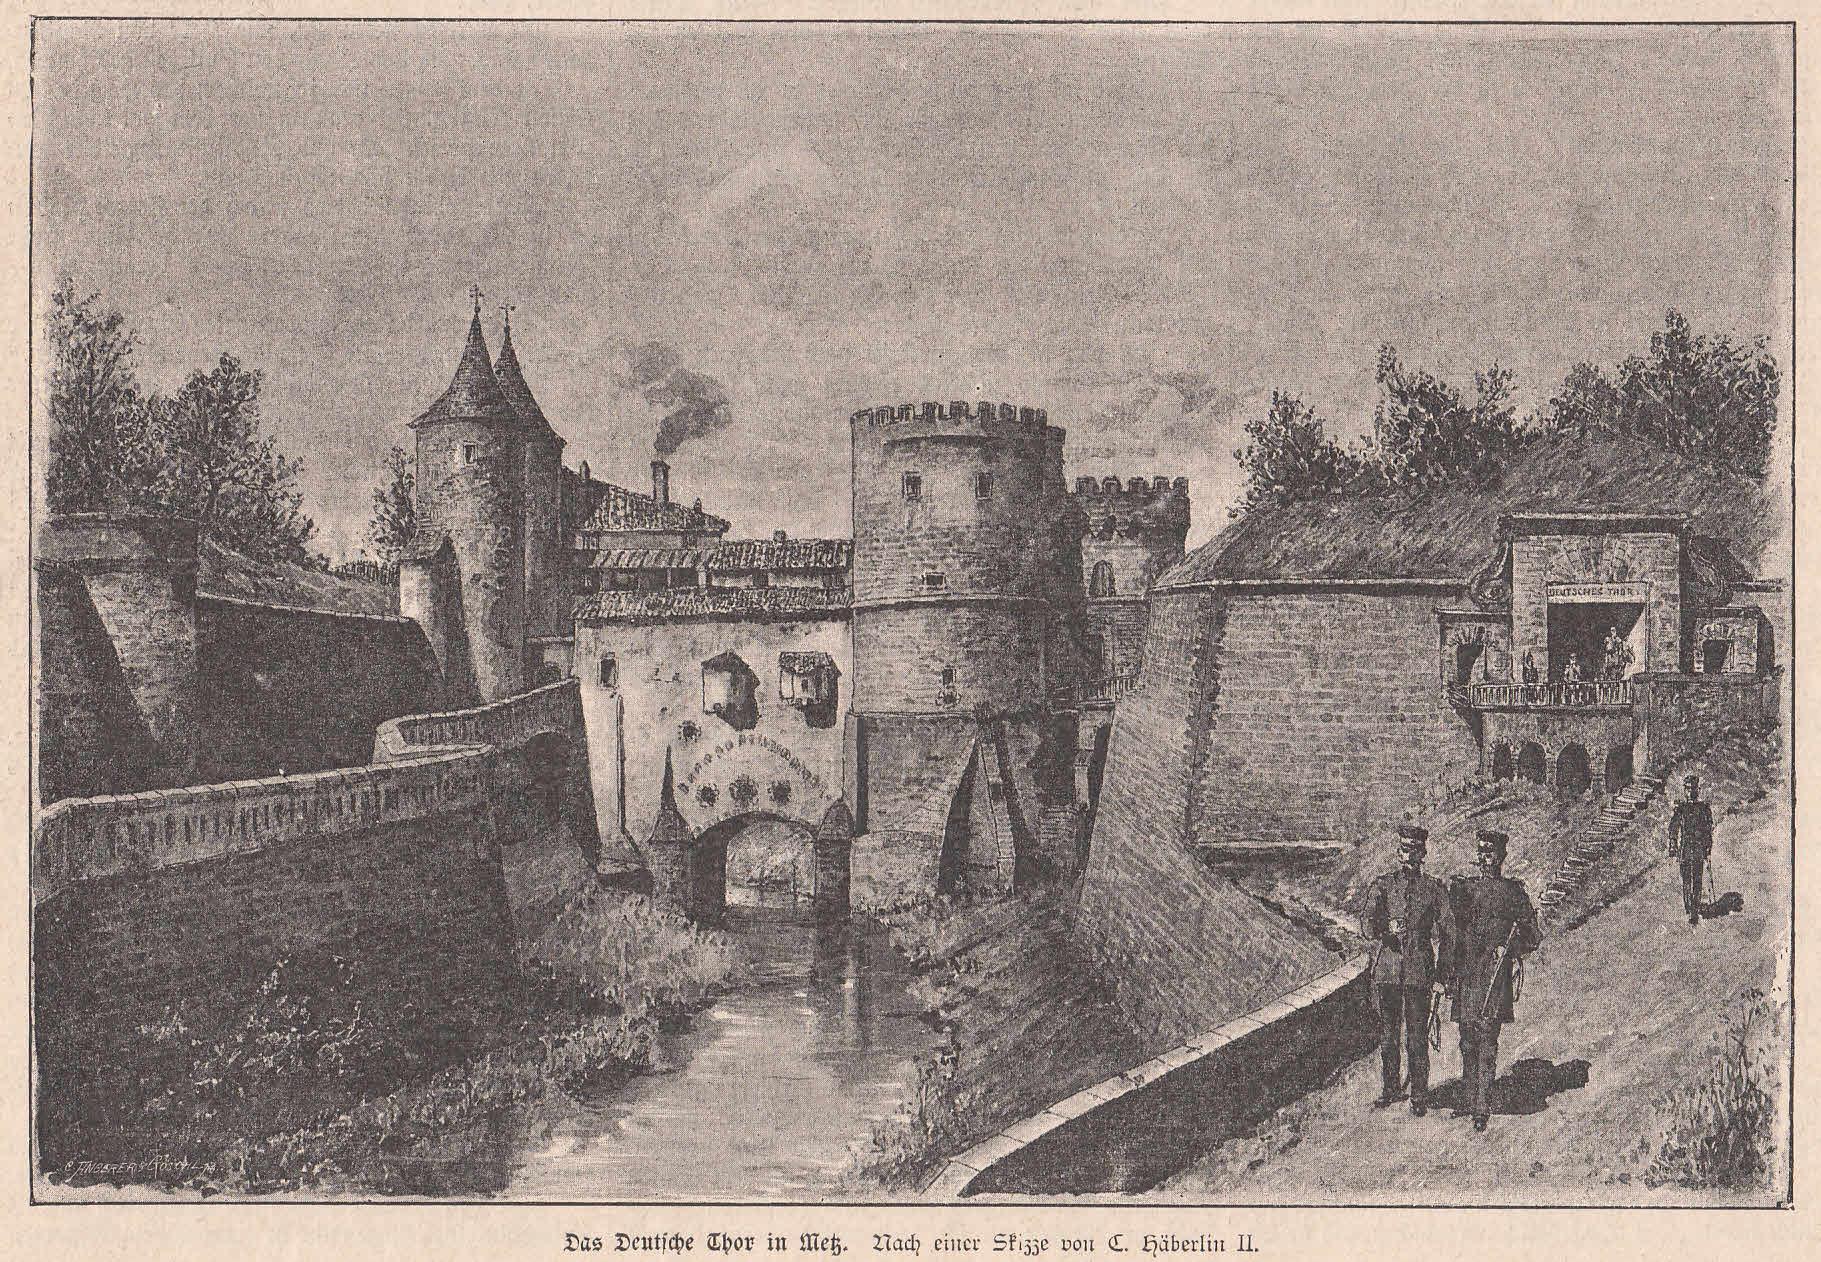 Das Deutsche Tor in Metz. Ansicht mit: Metz,